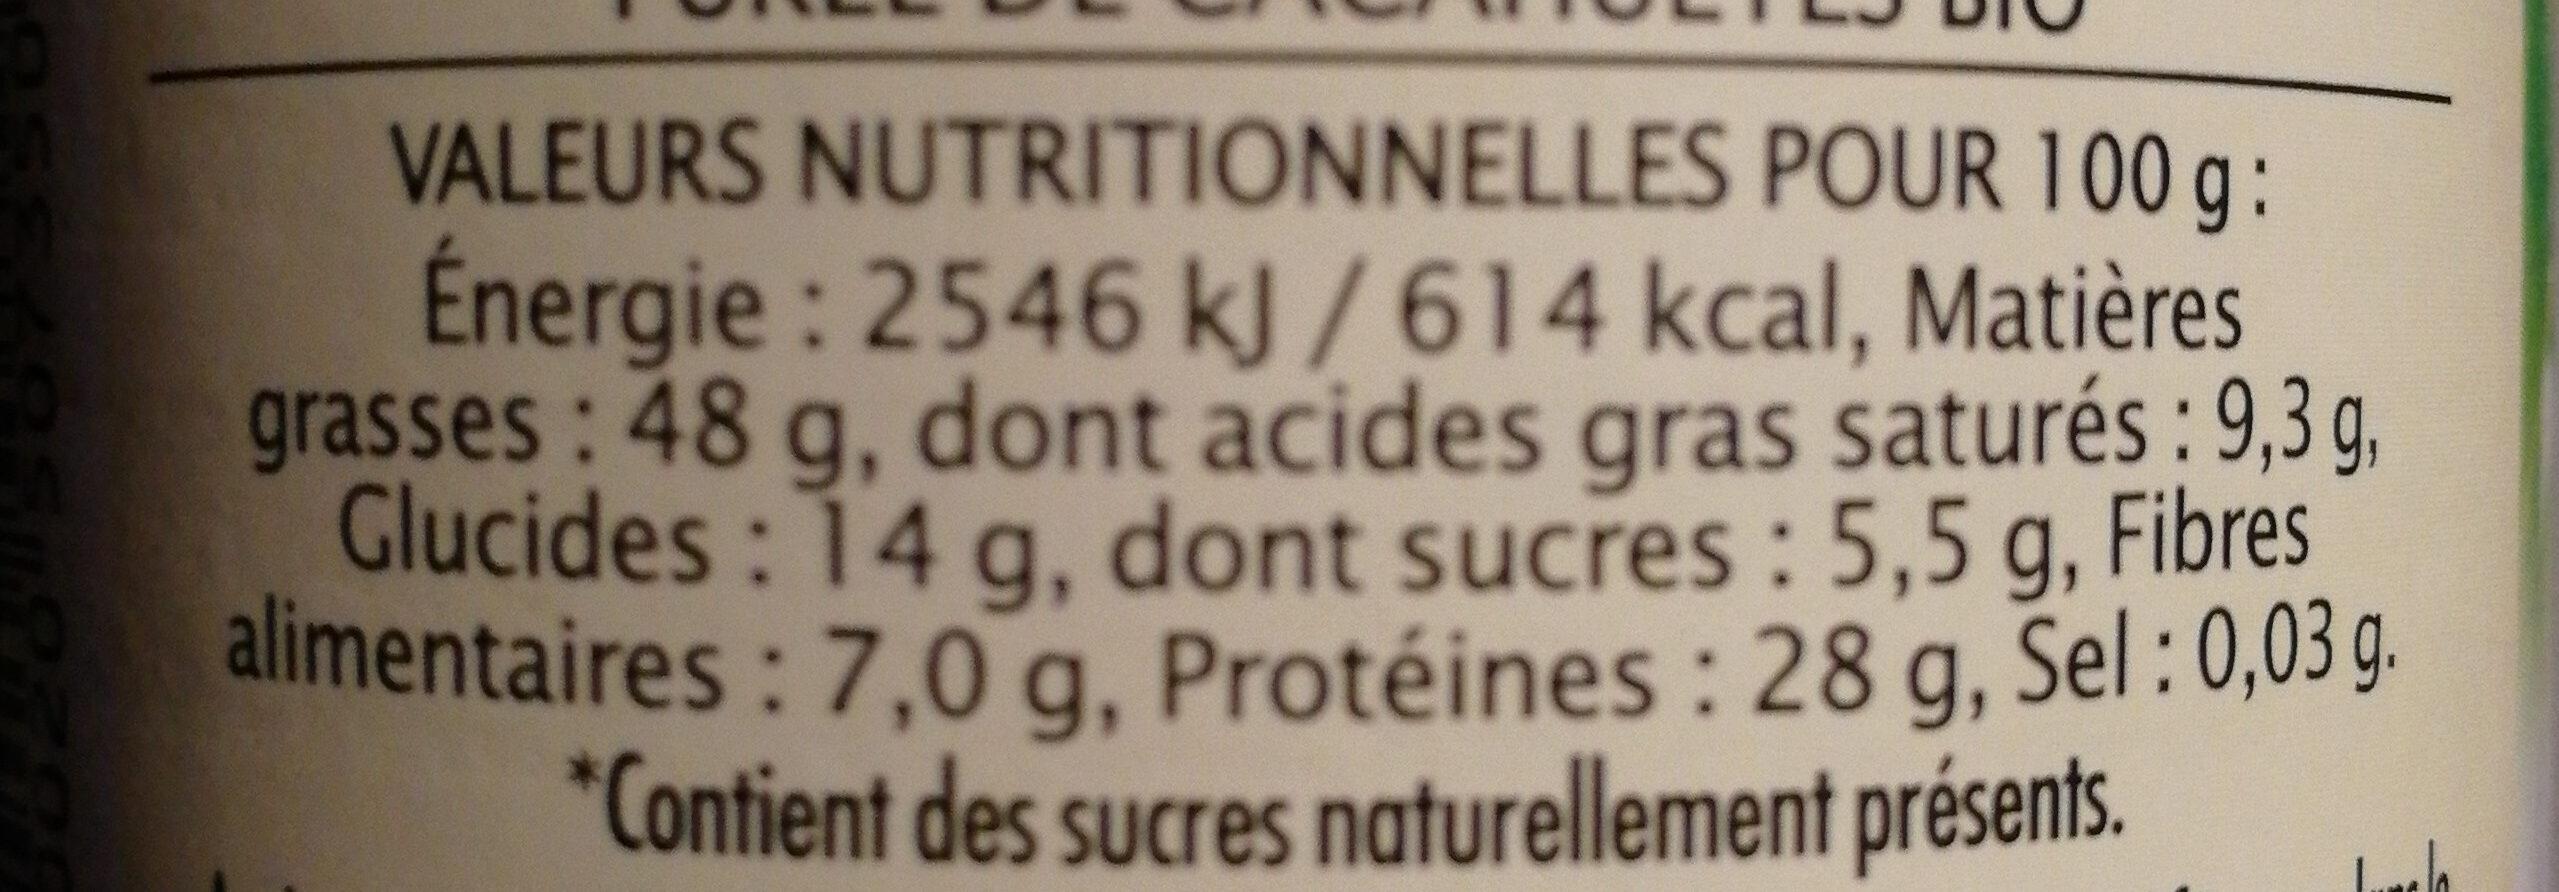 Pur beurre de cacahuète - Nutrition facts